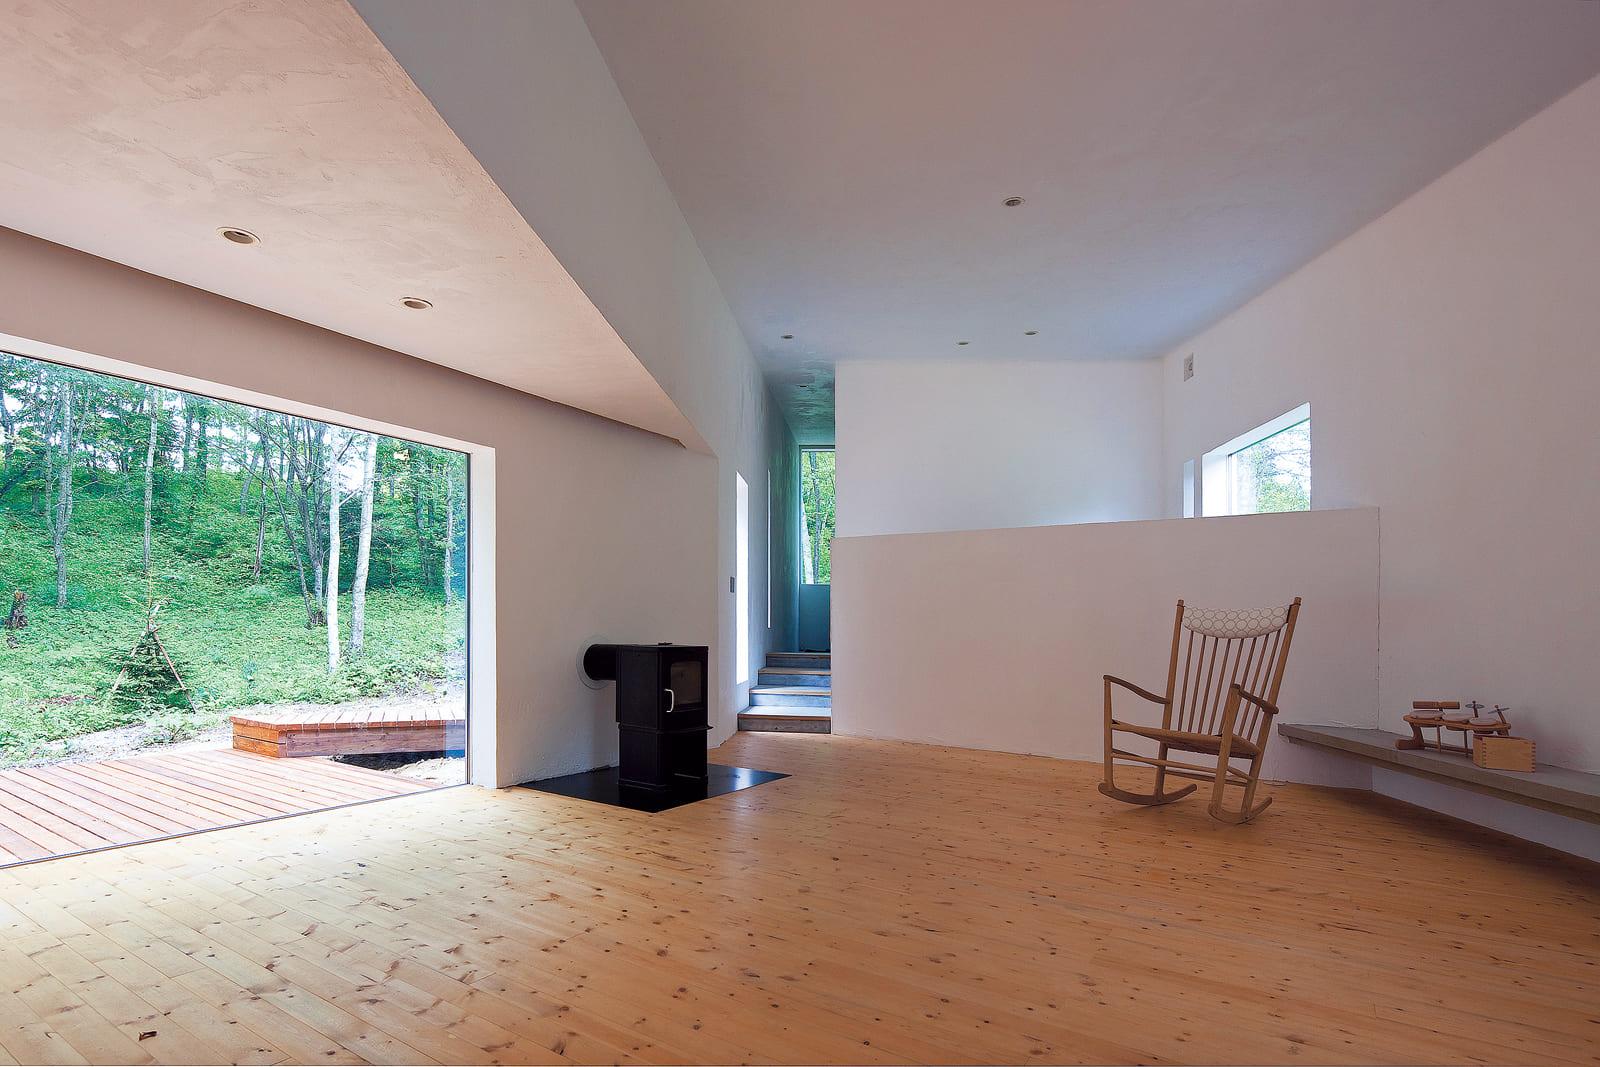 開口の位置、天井の高さにとことんこだわったリビング。開口部は天井高を抑え、窓越しの風景が絵のように映えるように